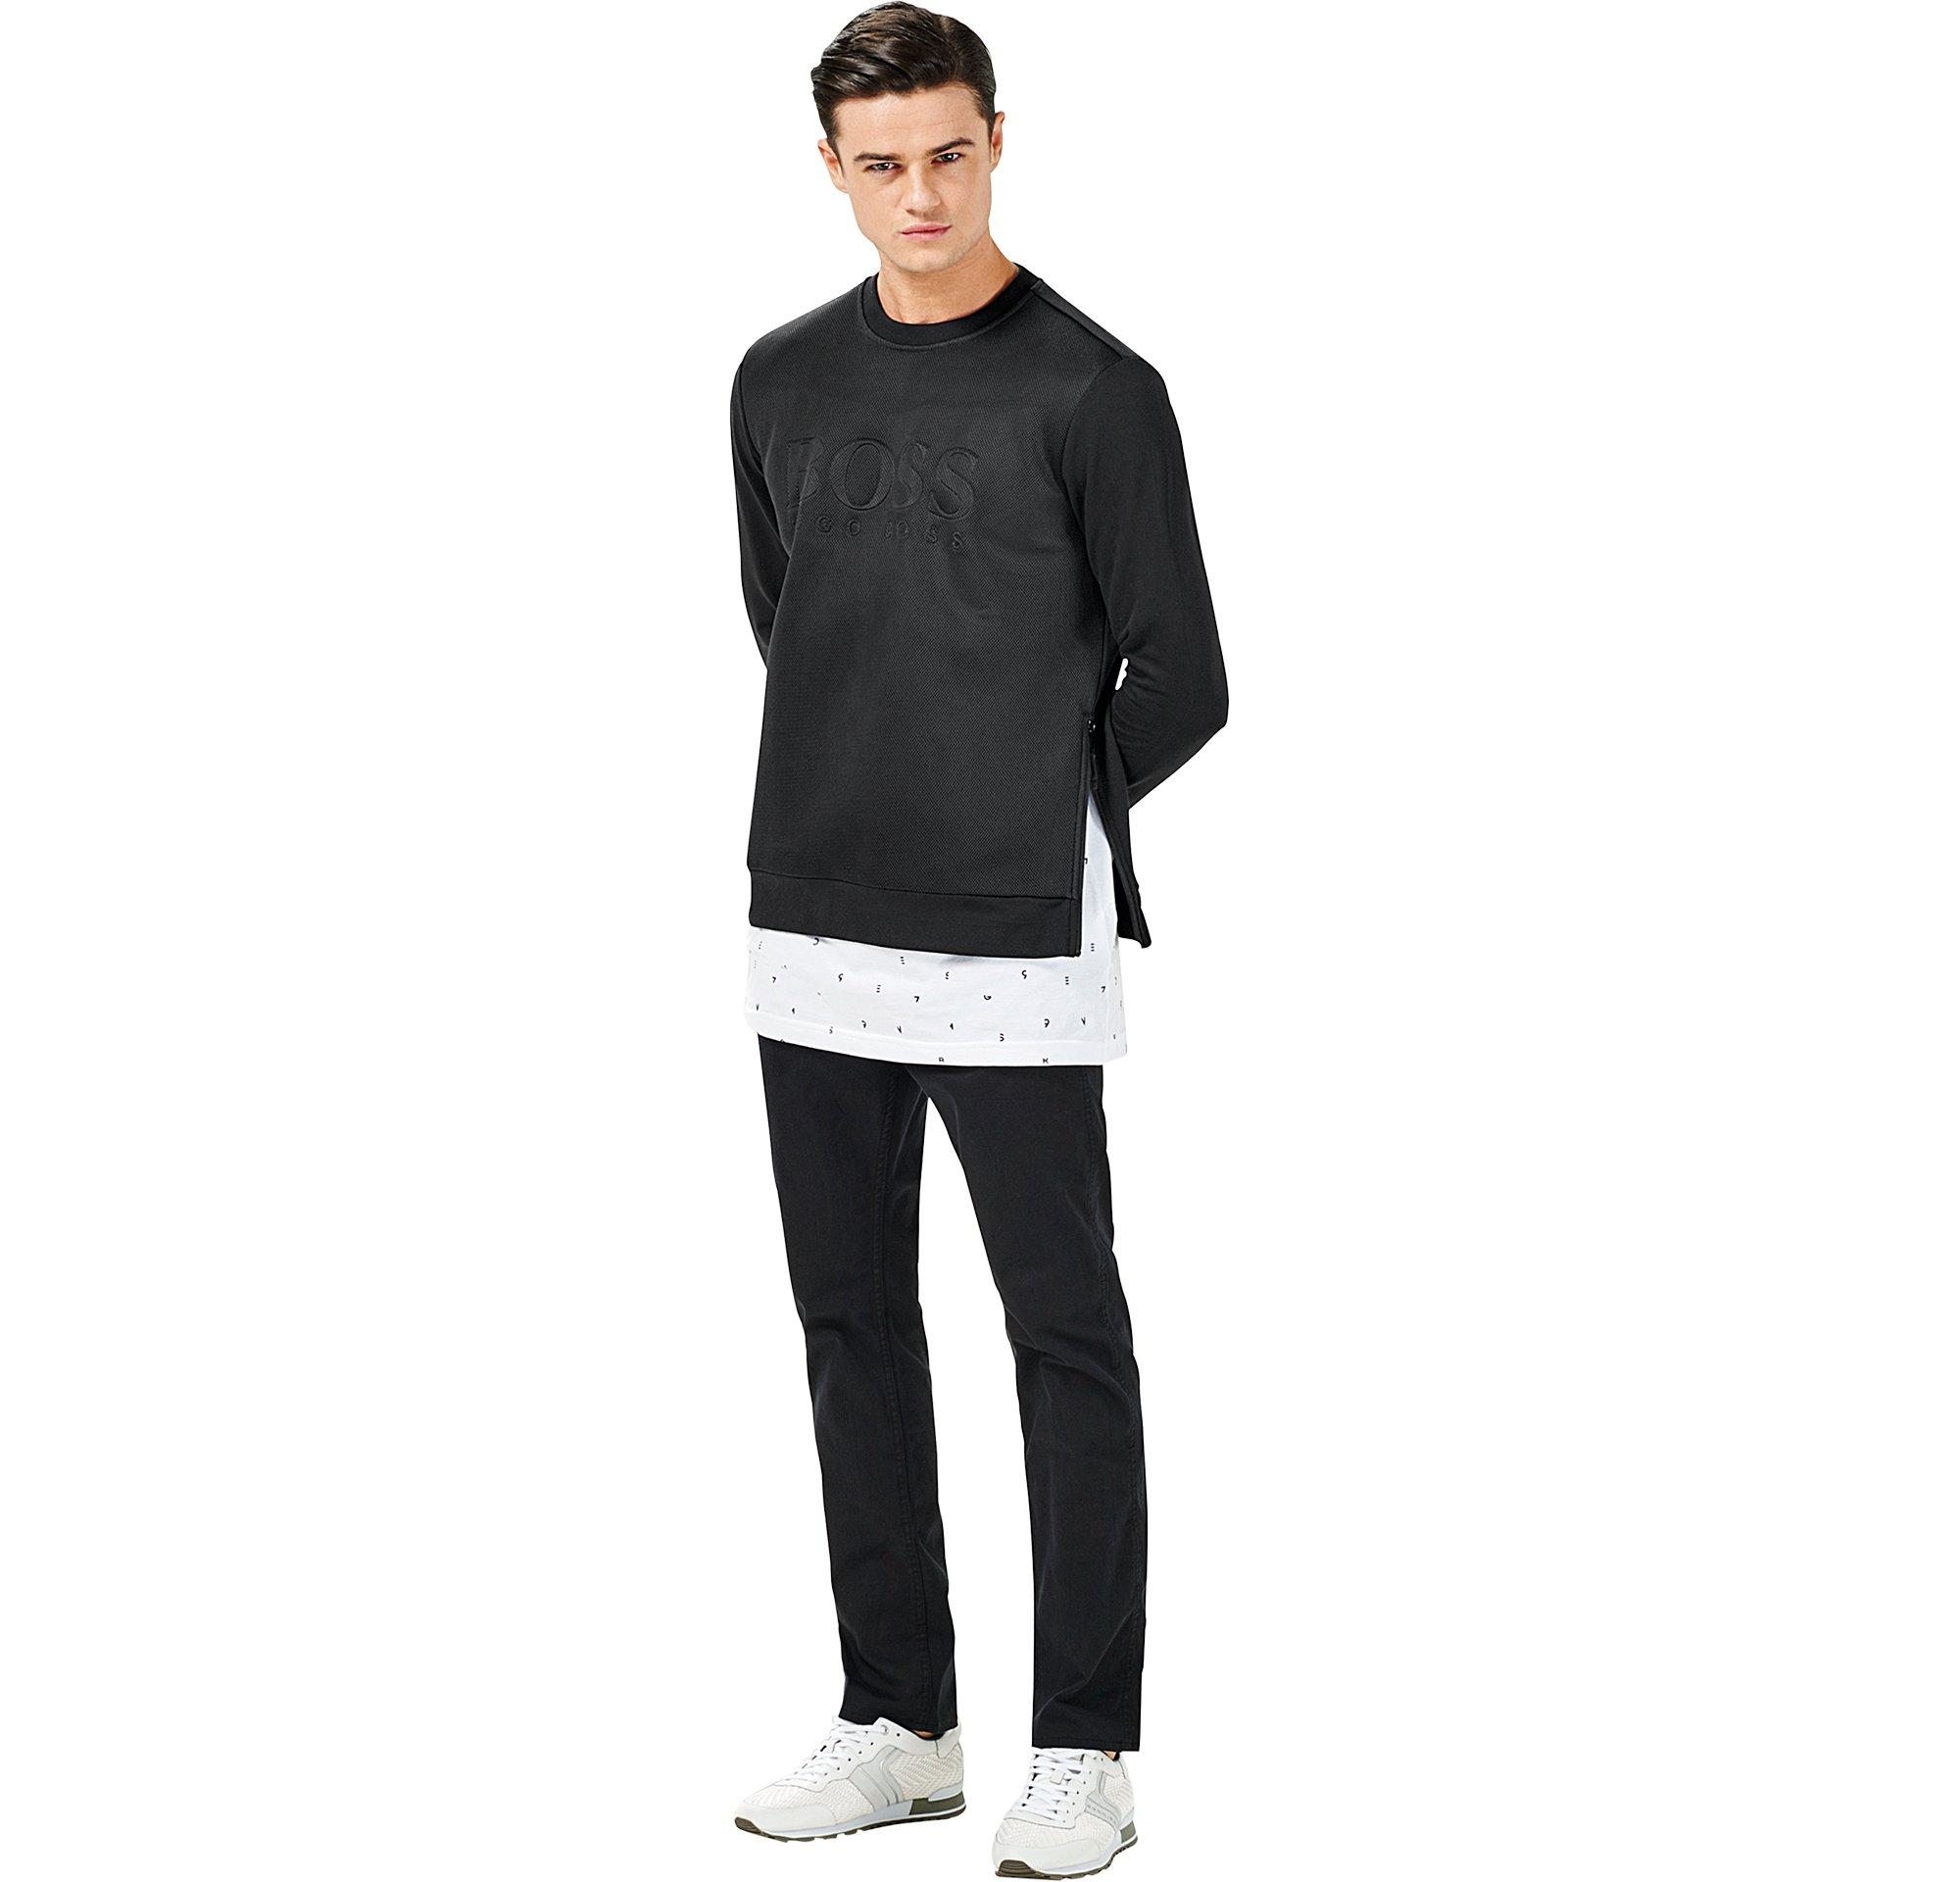 Jersey, T-shirt, jeans en schoenen van BOSS Green Menswear